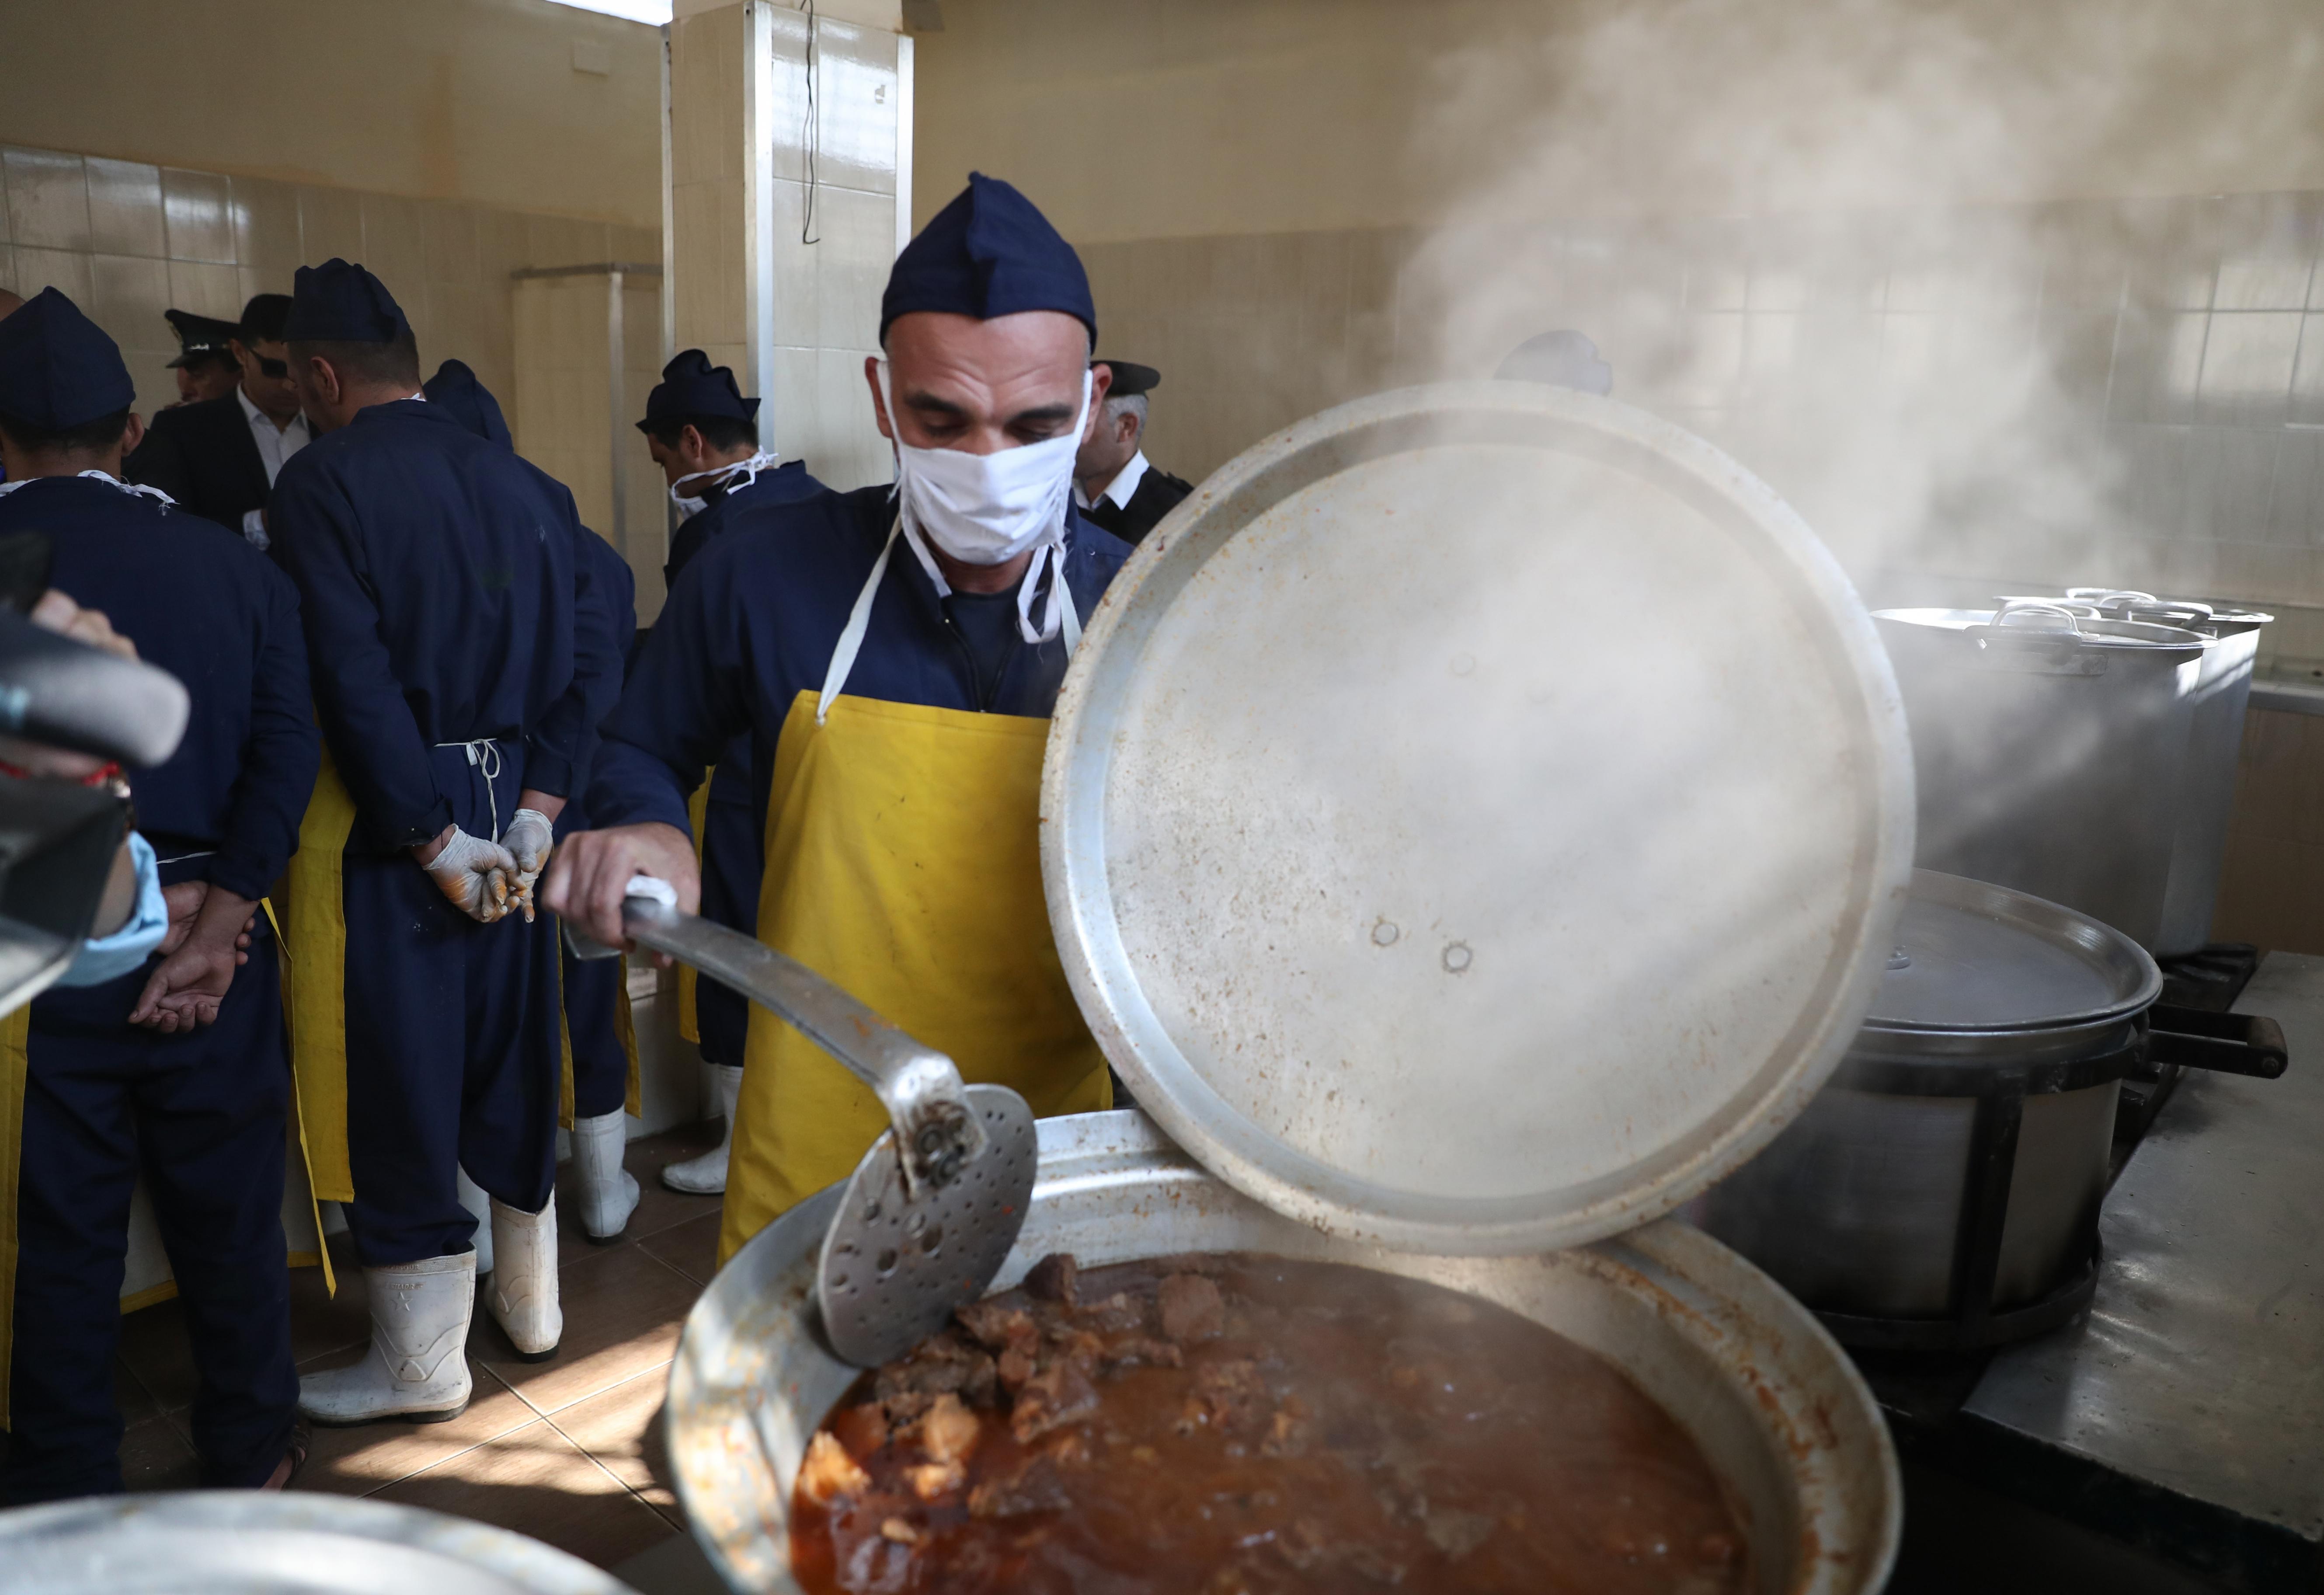 مسجون يطبخ بمطبخ السجن أثناء زيارة إعلاميين وصحافيين لسجن طرة - 11 نوفمبر 2019